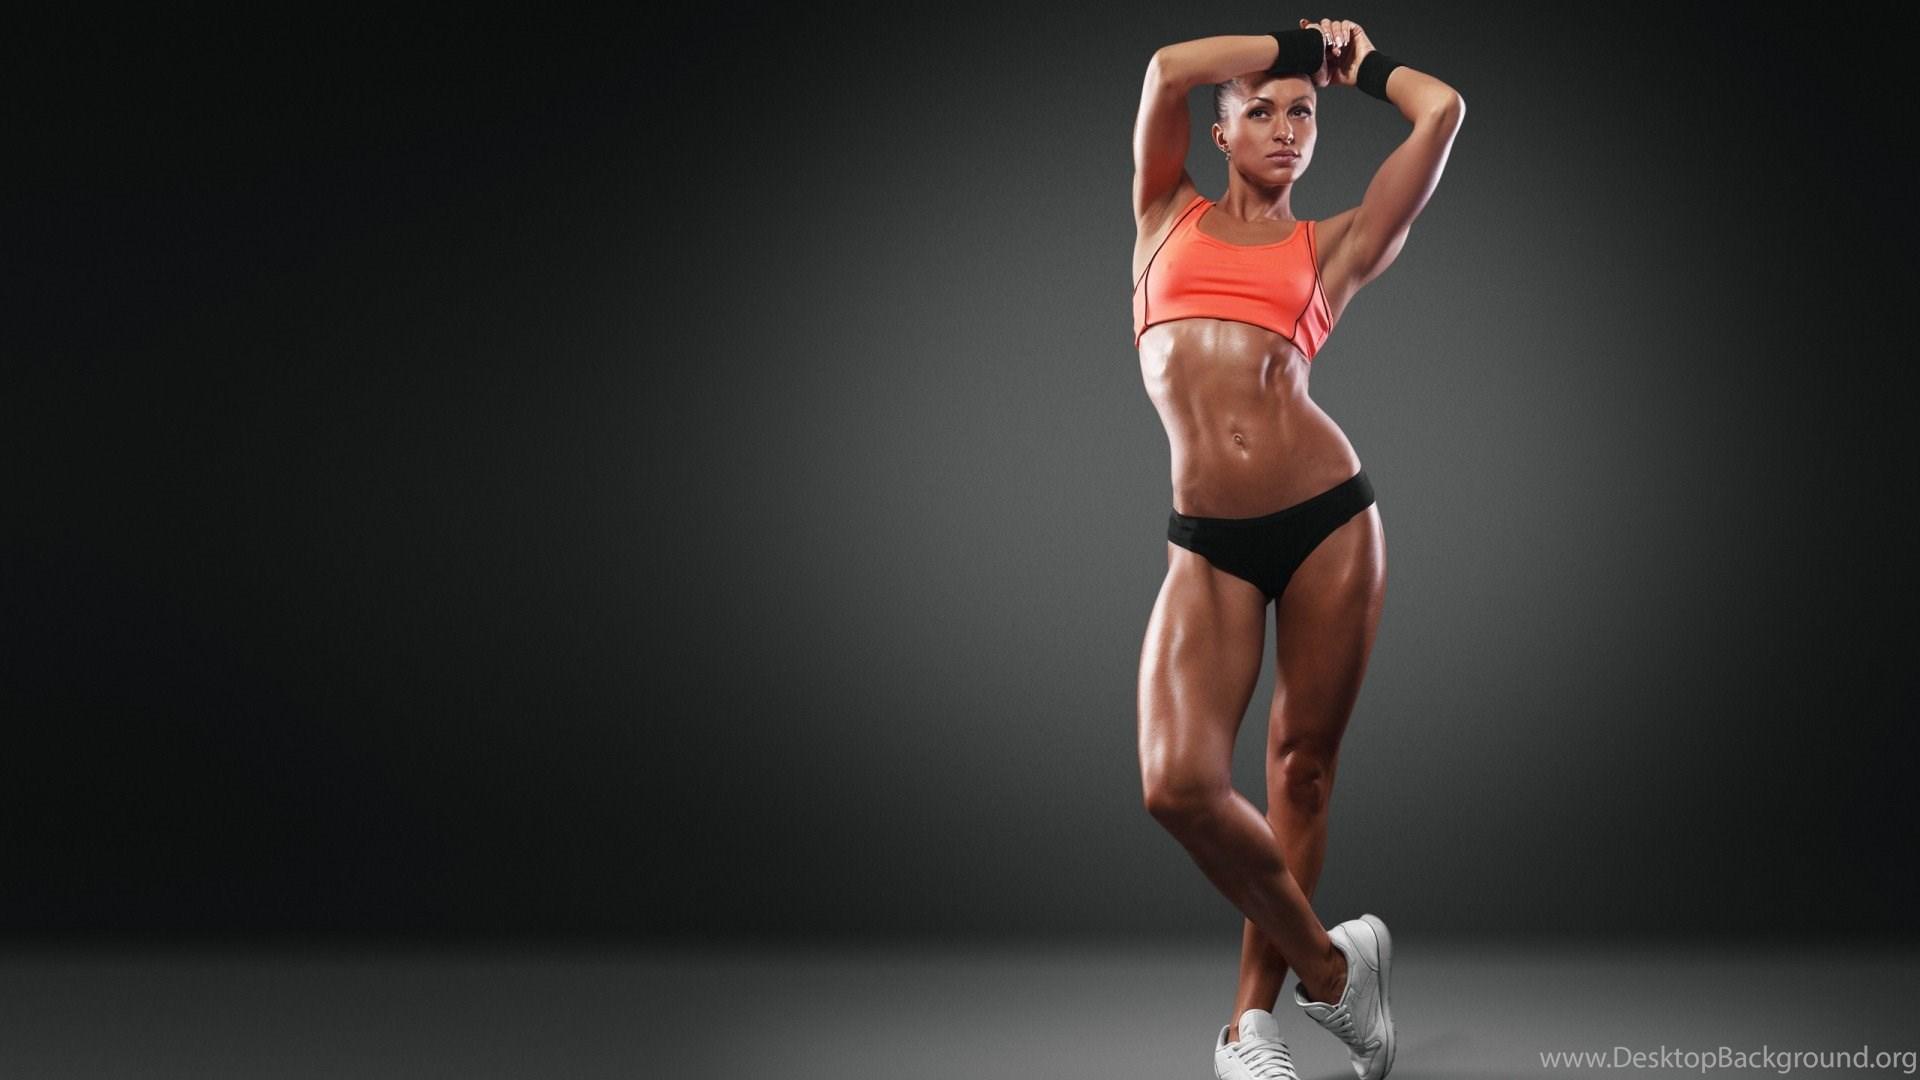 fitness girl 1920x1080 1080p wallpapers hd wallpapers desktop